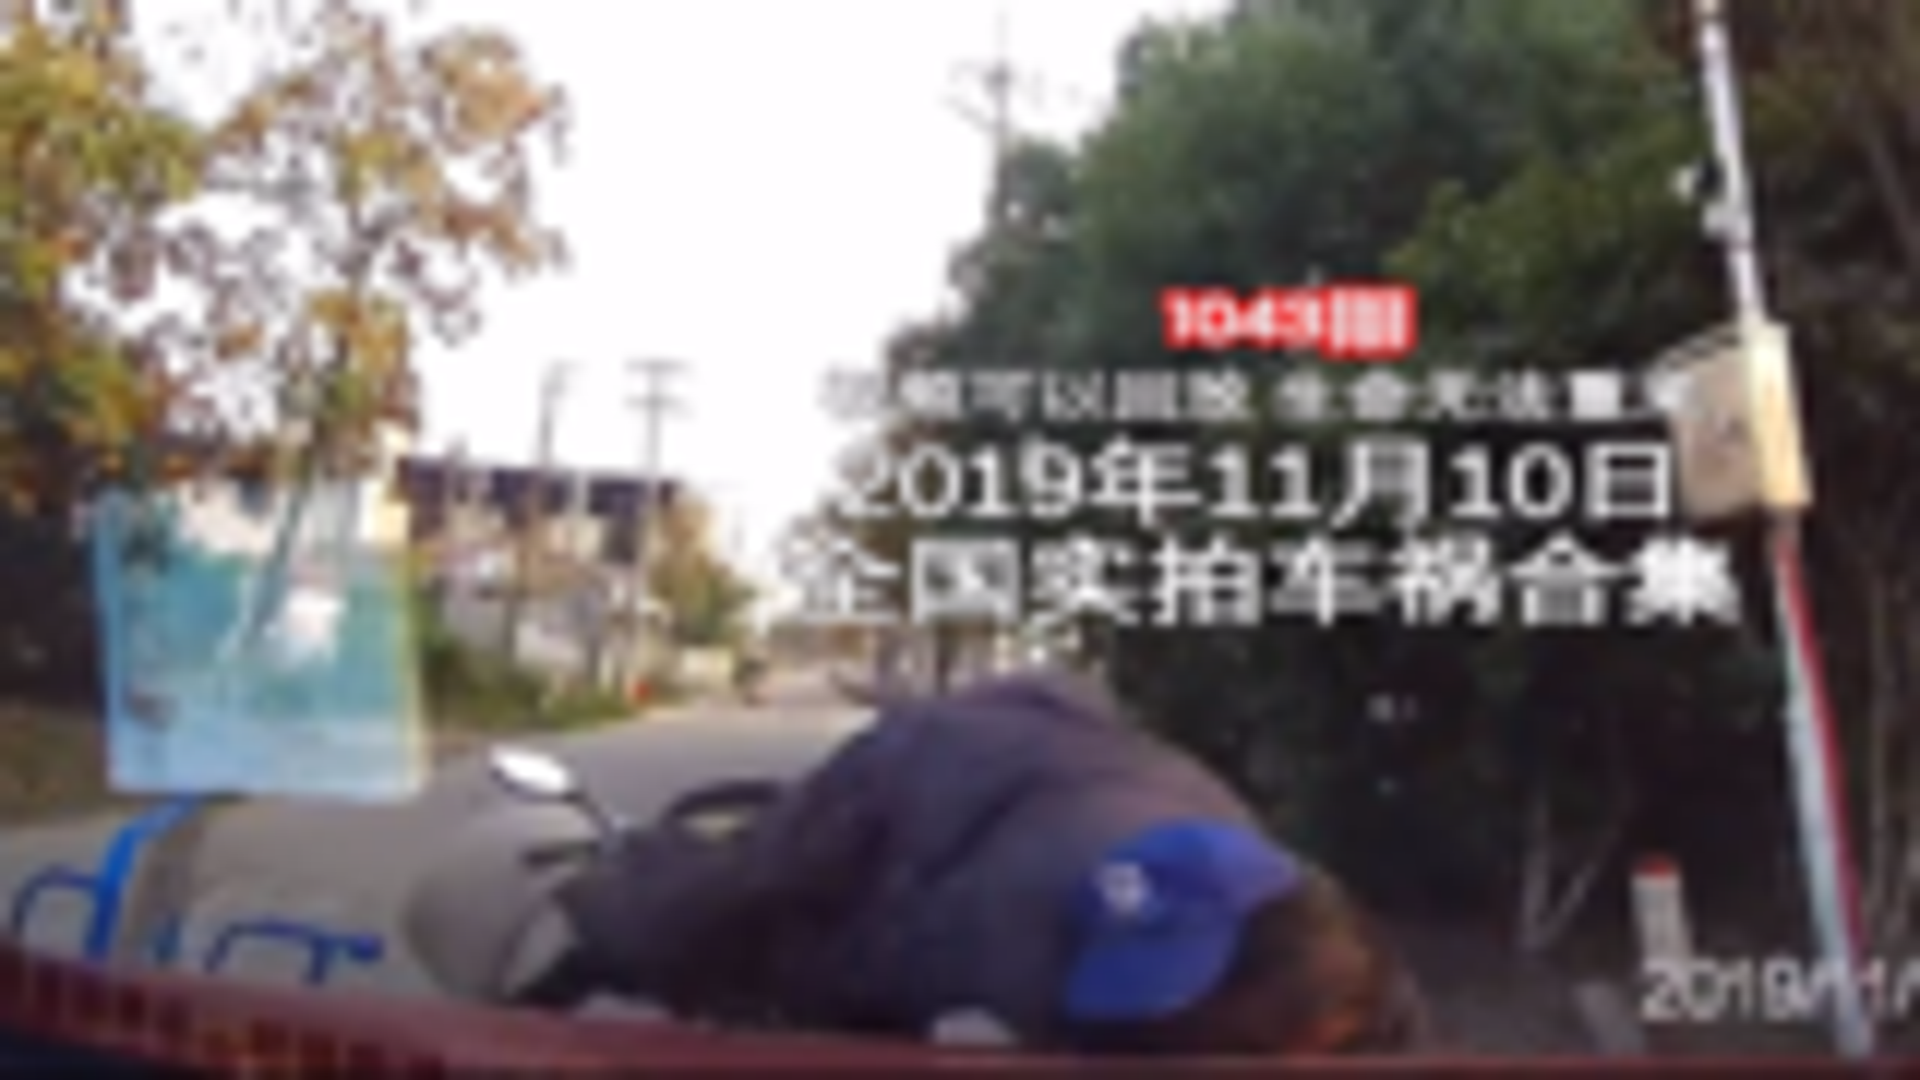 1043期:运煤气罐车辆高速路起火爆炸【20191110全国车祸合集】